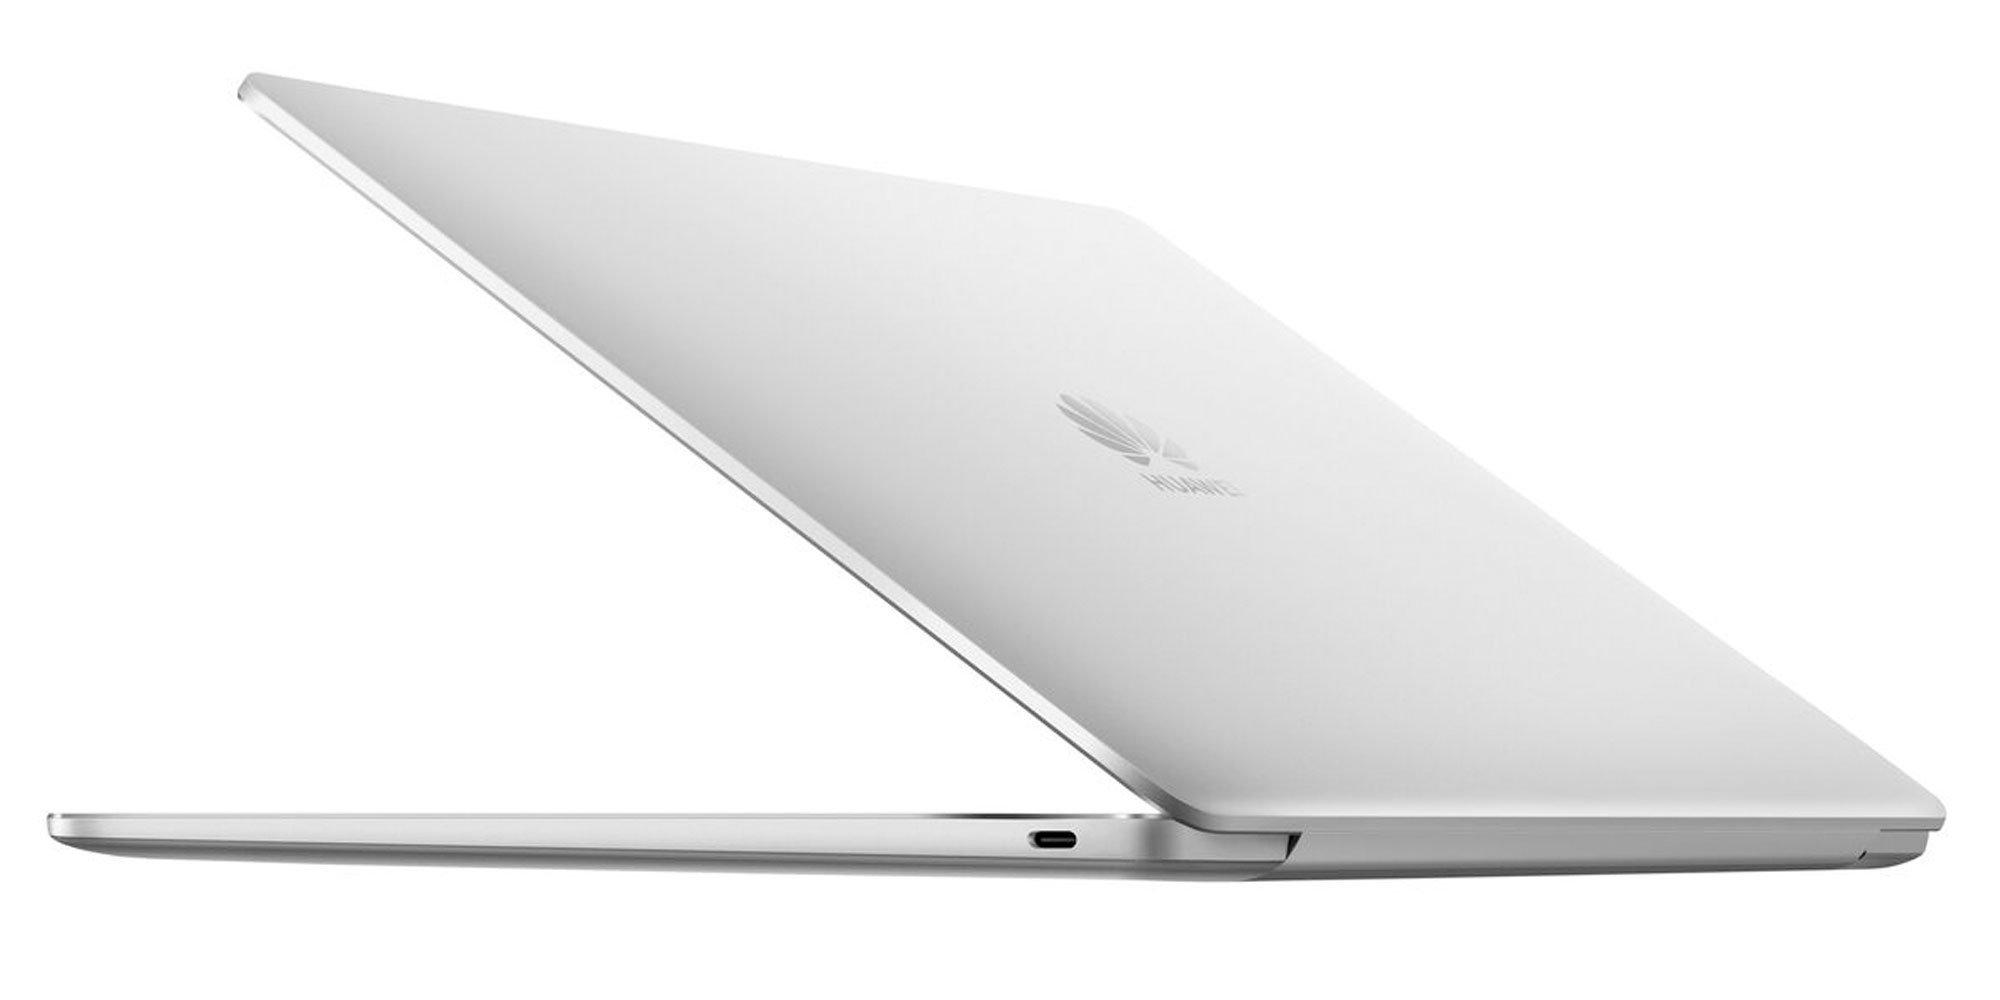 Đang tải HUAWEI-MateBook-13-4.jpg…